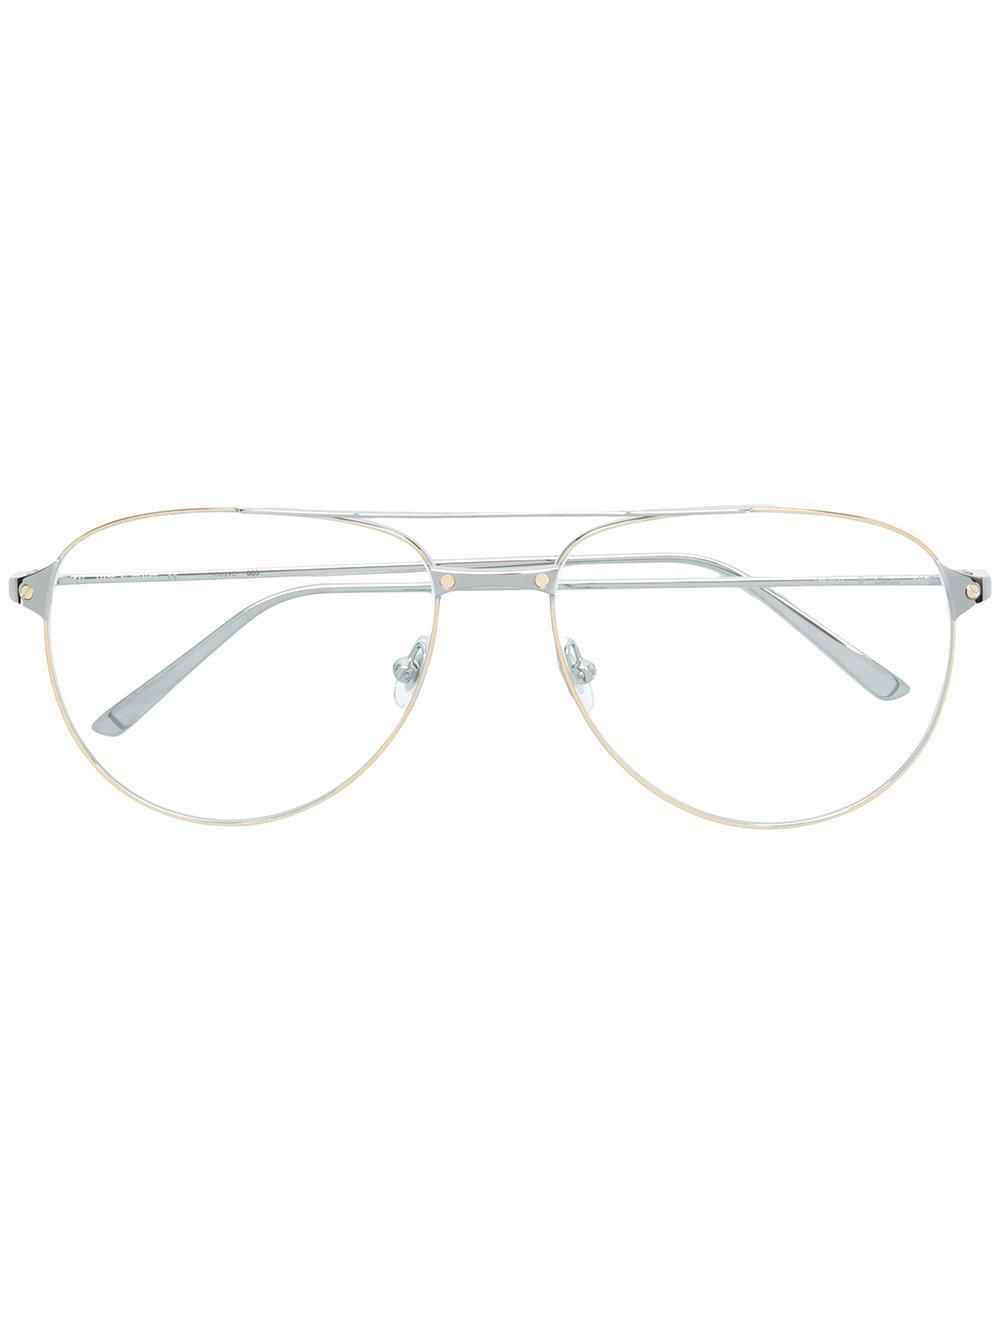 d7c034cd0c7e CARTIER. Santos De Cartier Sunglasses